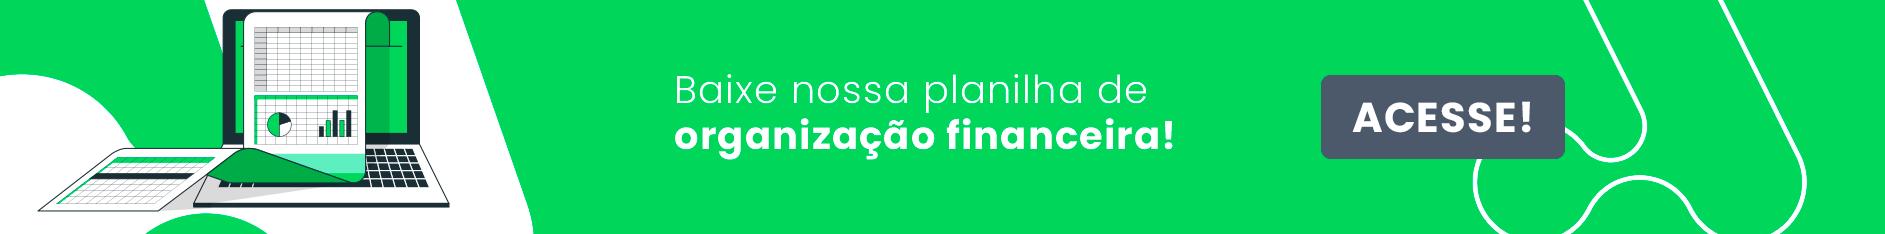 Baixe nossa planilha de organização financeira